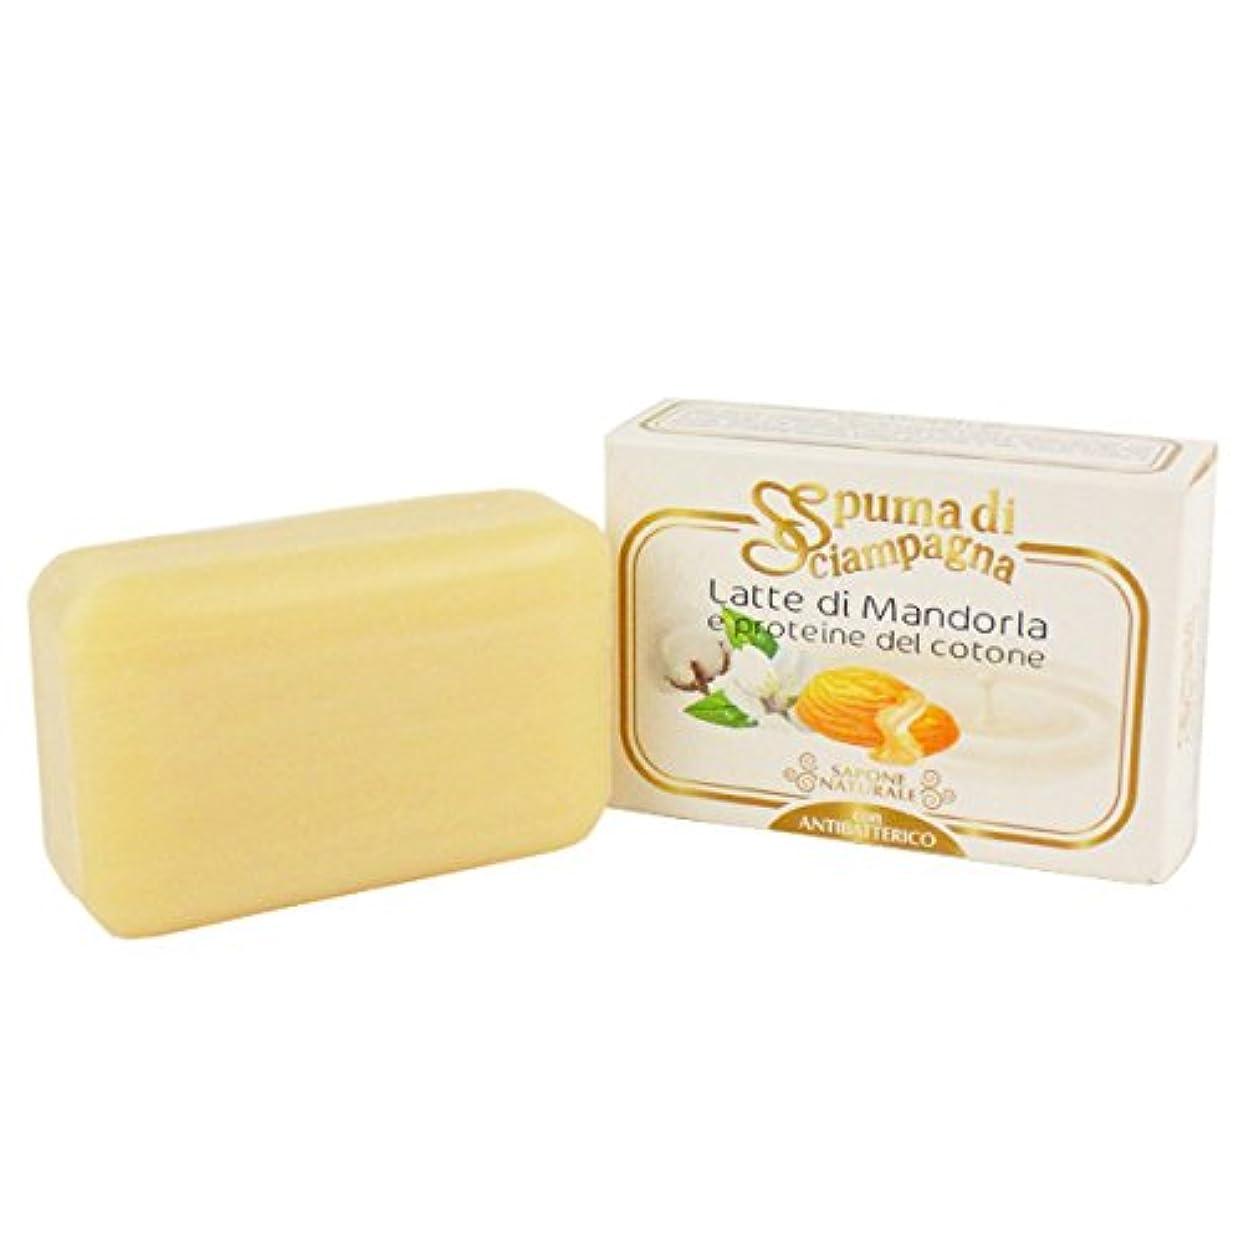 国歌買い物に行く座標Spuma di Sciampagna (スプーマ ディ シャンパーニャ) ナチュラルソープ 化粧石けん 145g アーモンドの香り